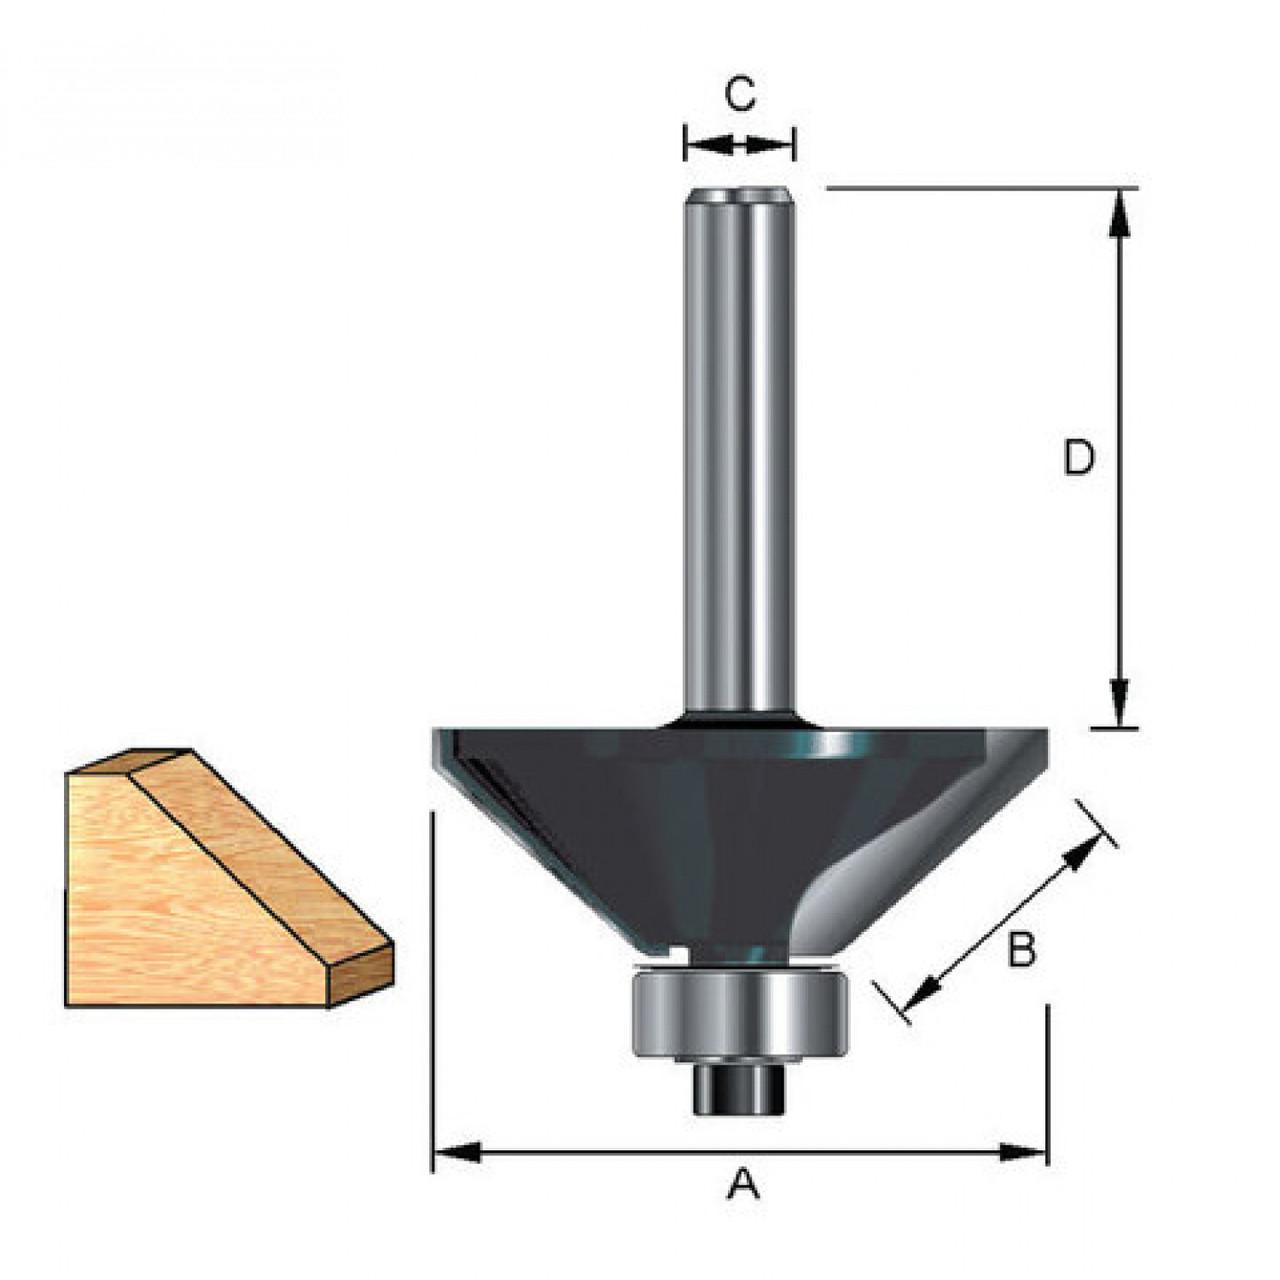 (36671) Фреза кромочная профильная c нижним подшипником, DxHxL = 25х11х51 мм